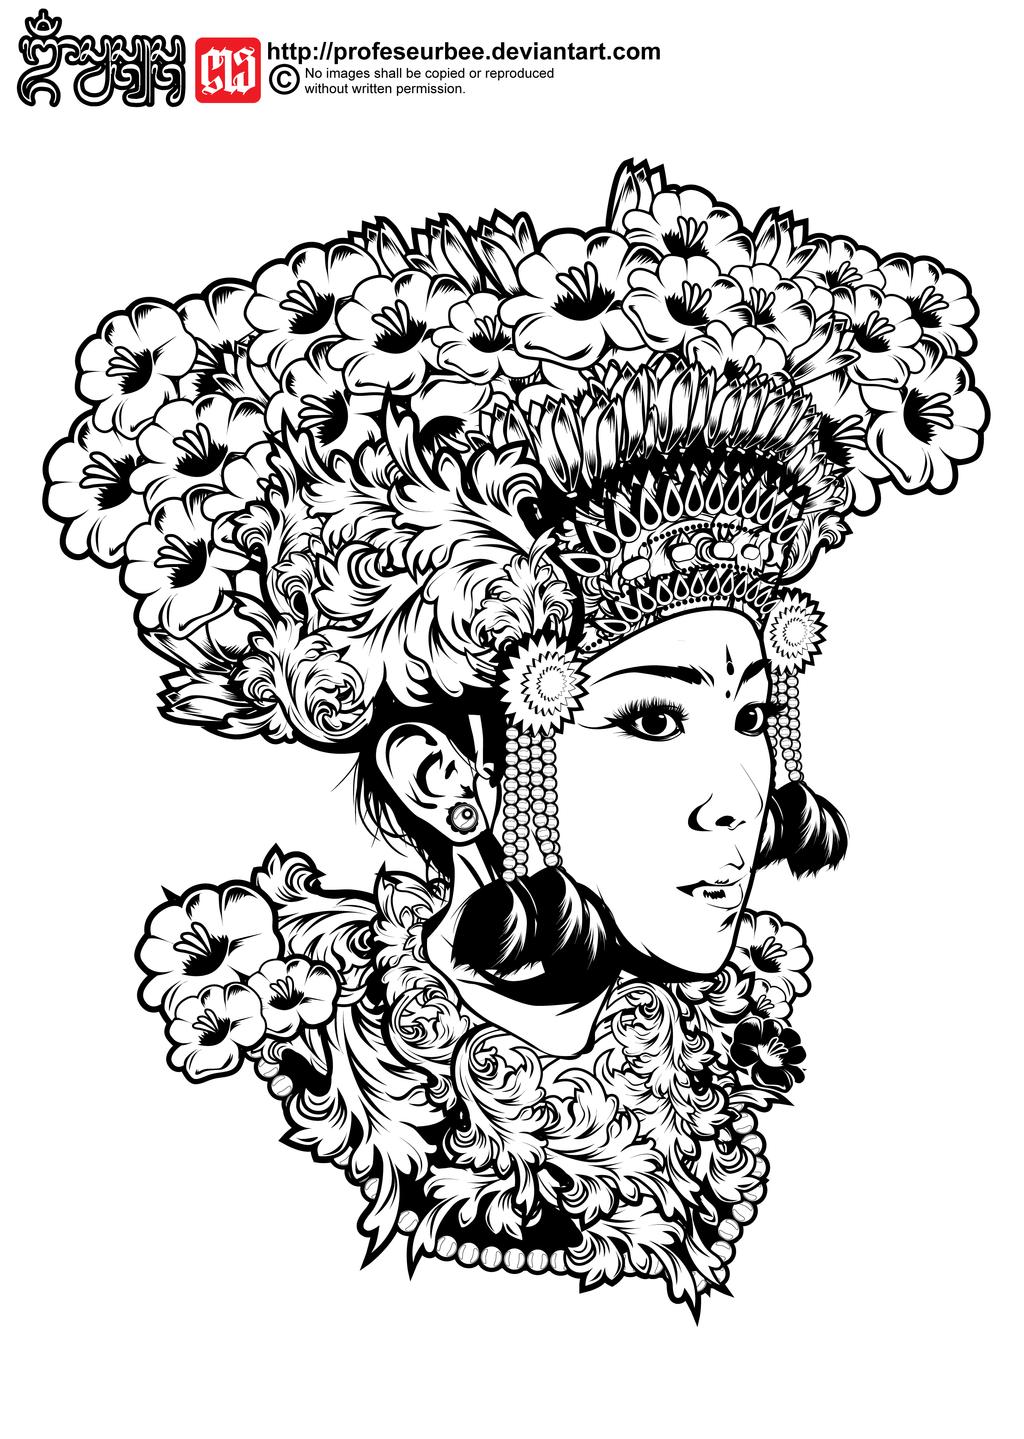 Indie Bali by profeseurbee